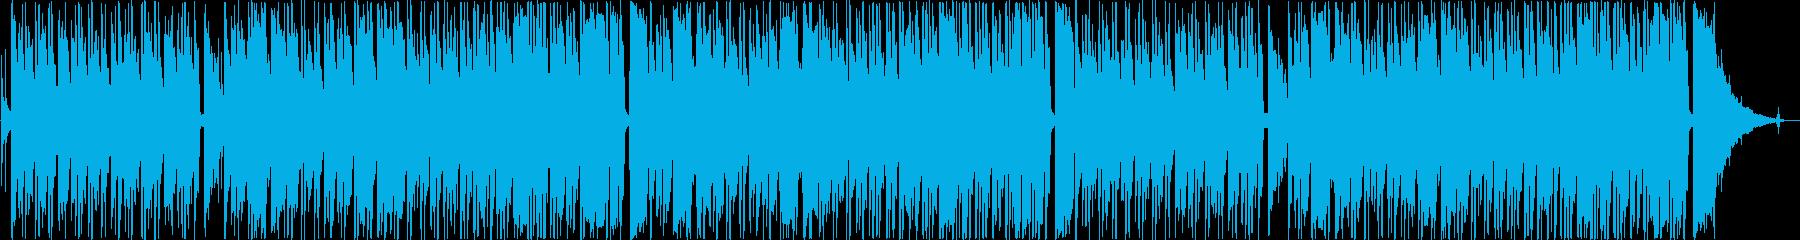 穏やか/日常系/ボサノヴァ/フルート1の再生済みの波形